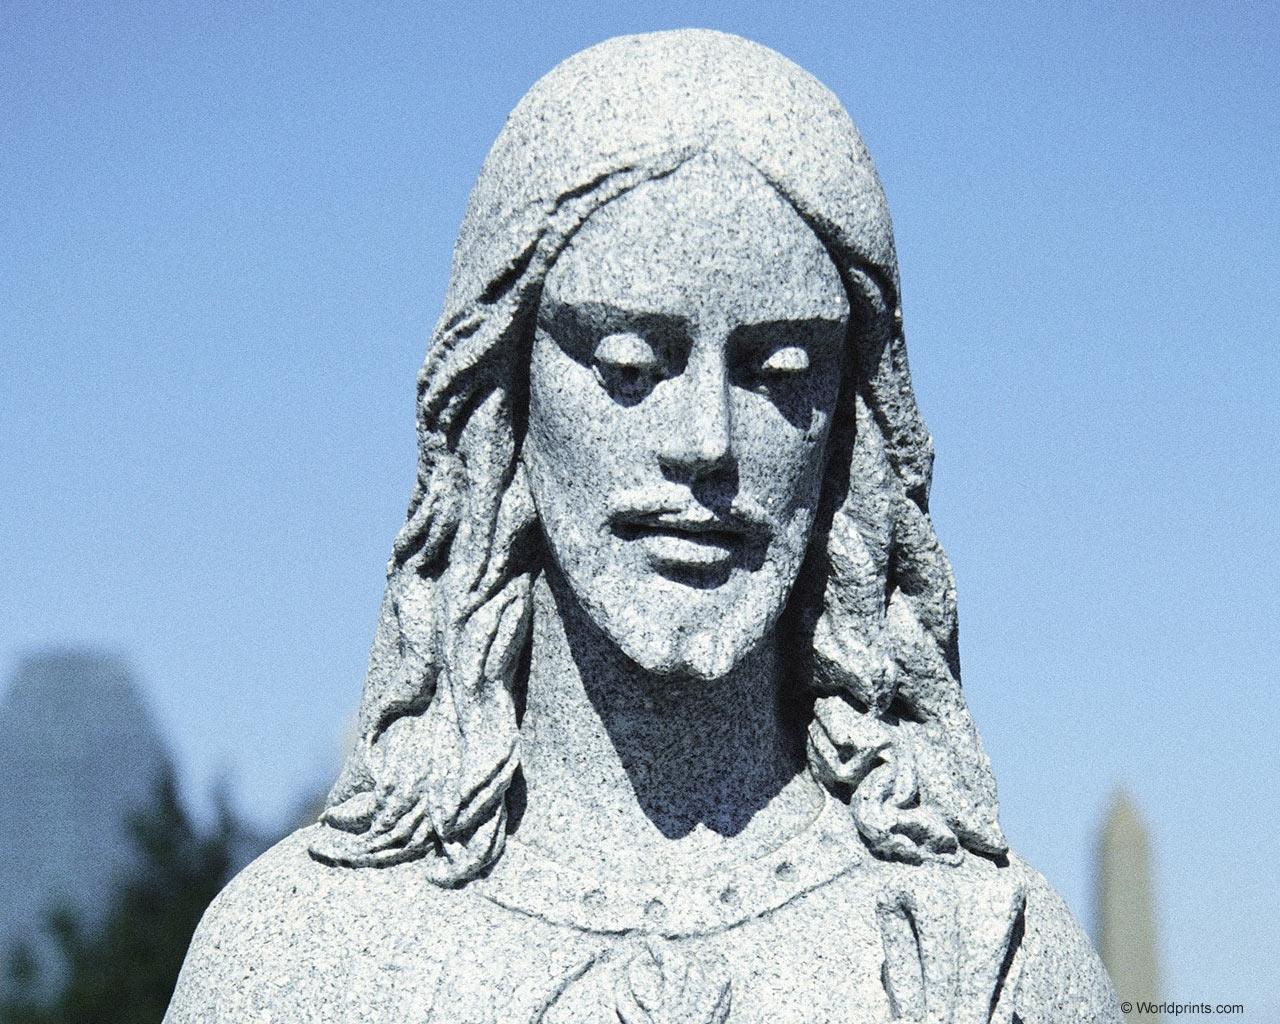 Скачать картинку Люди, Архитектура, Памятники, Иисус в телефон бесплатно.